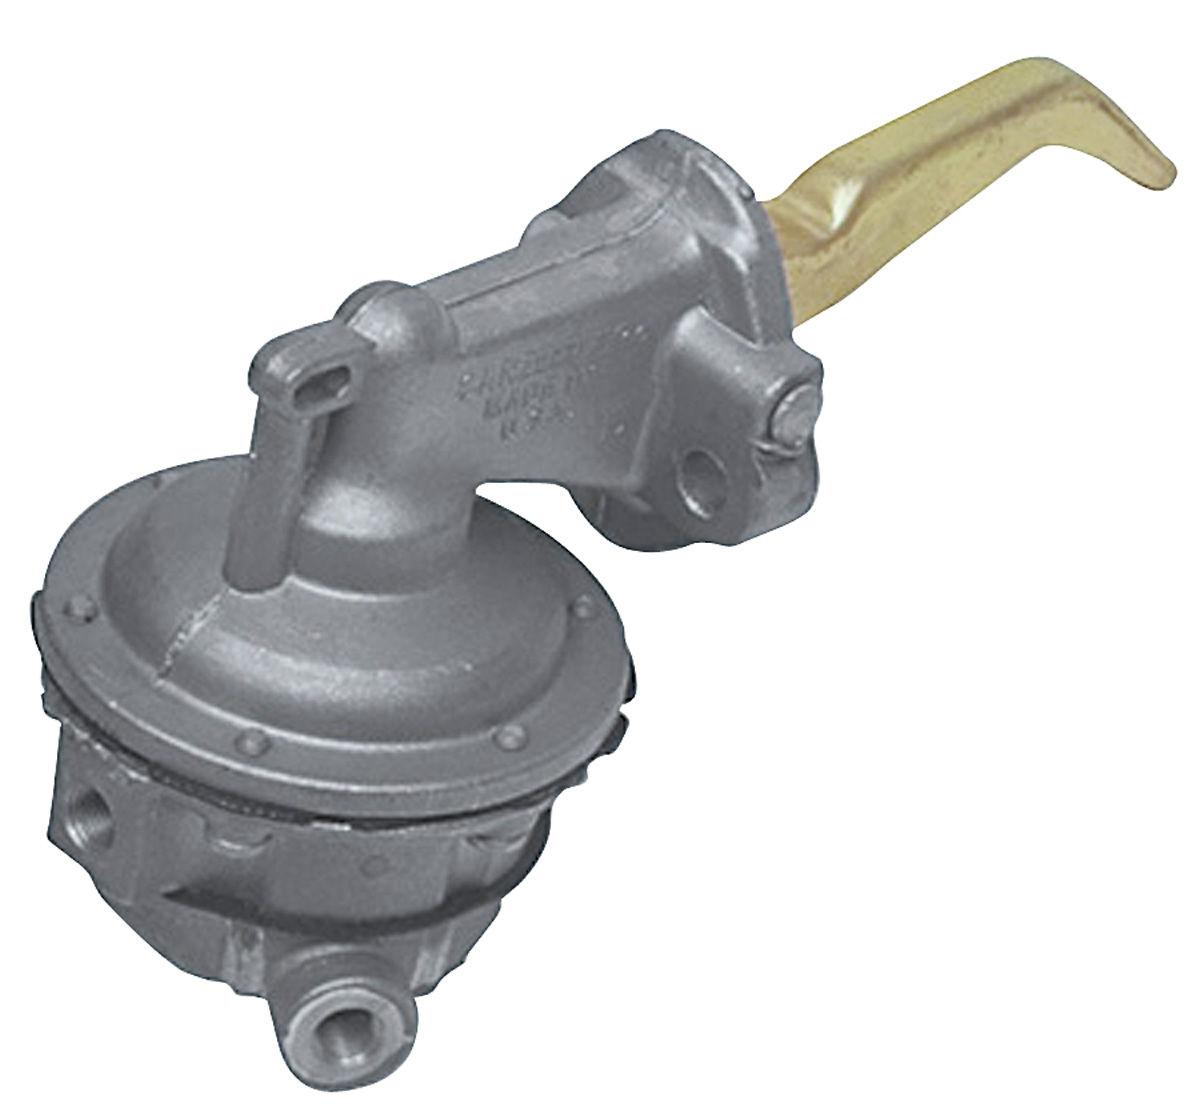 Fuel Pump, 1968 Cadillac V8